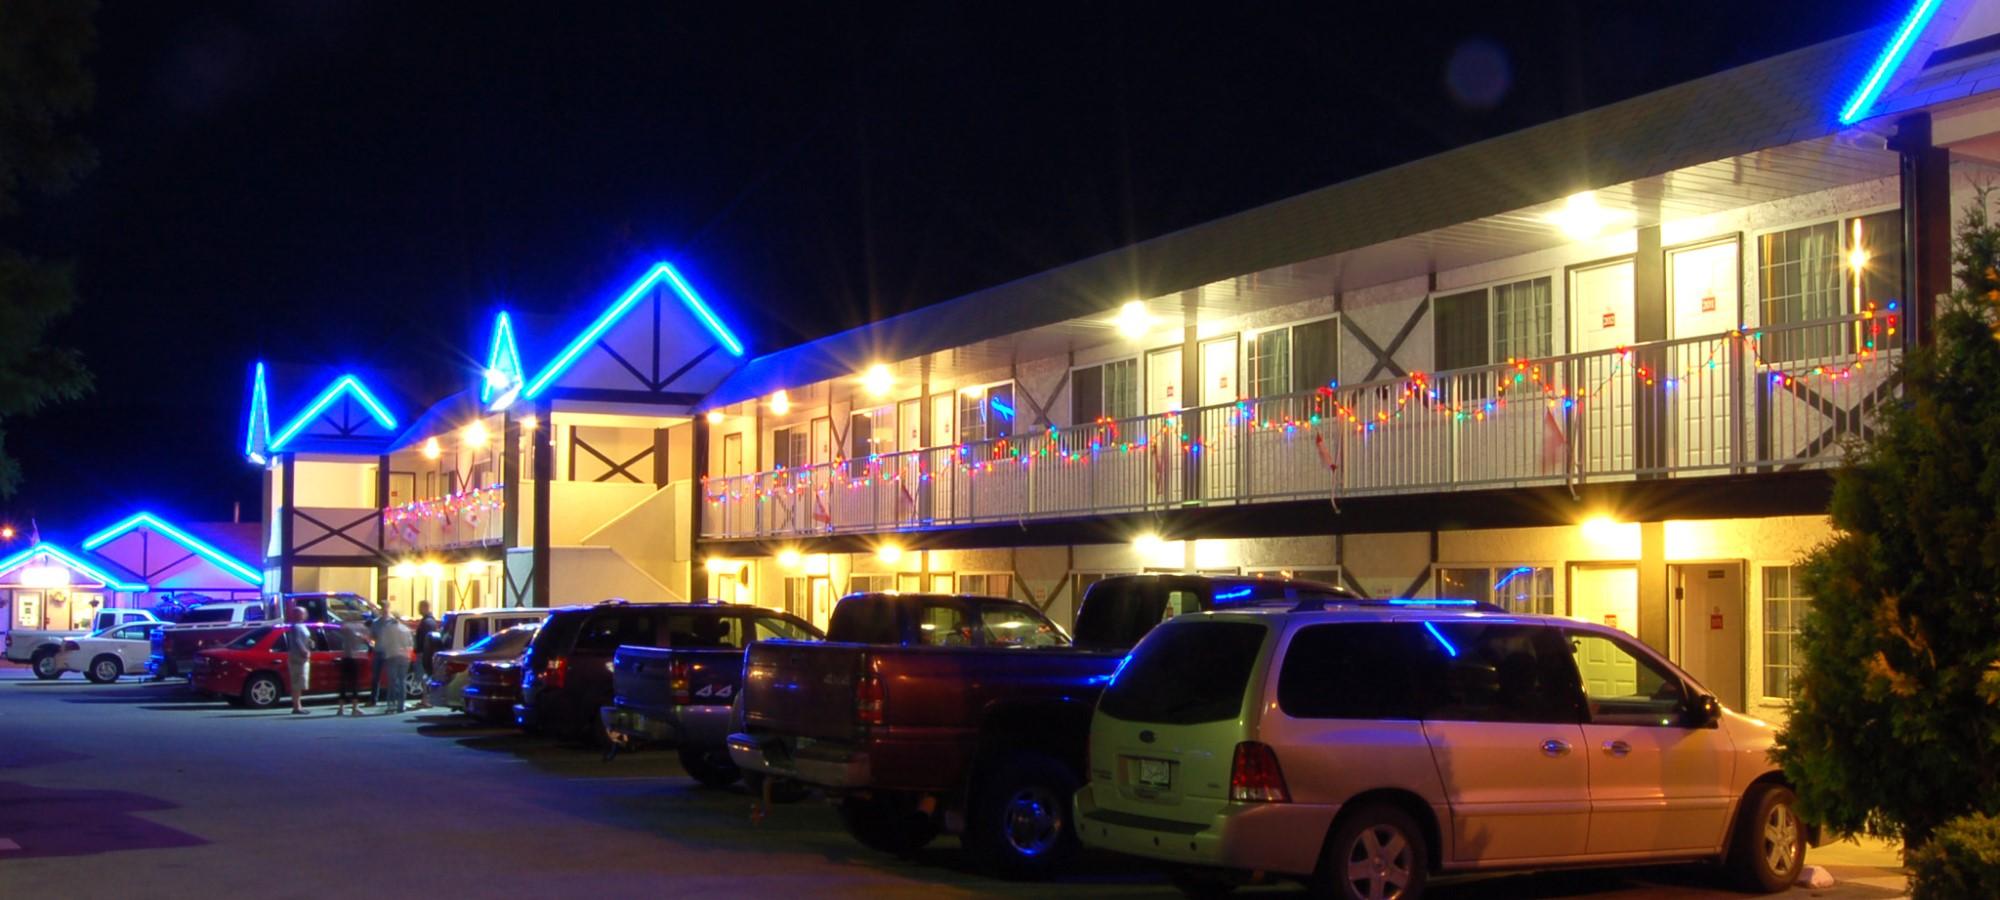 Hotels & Motels